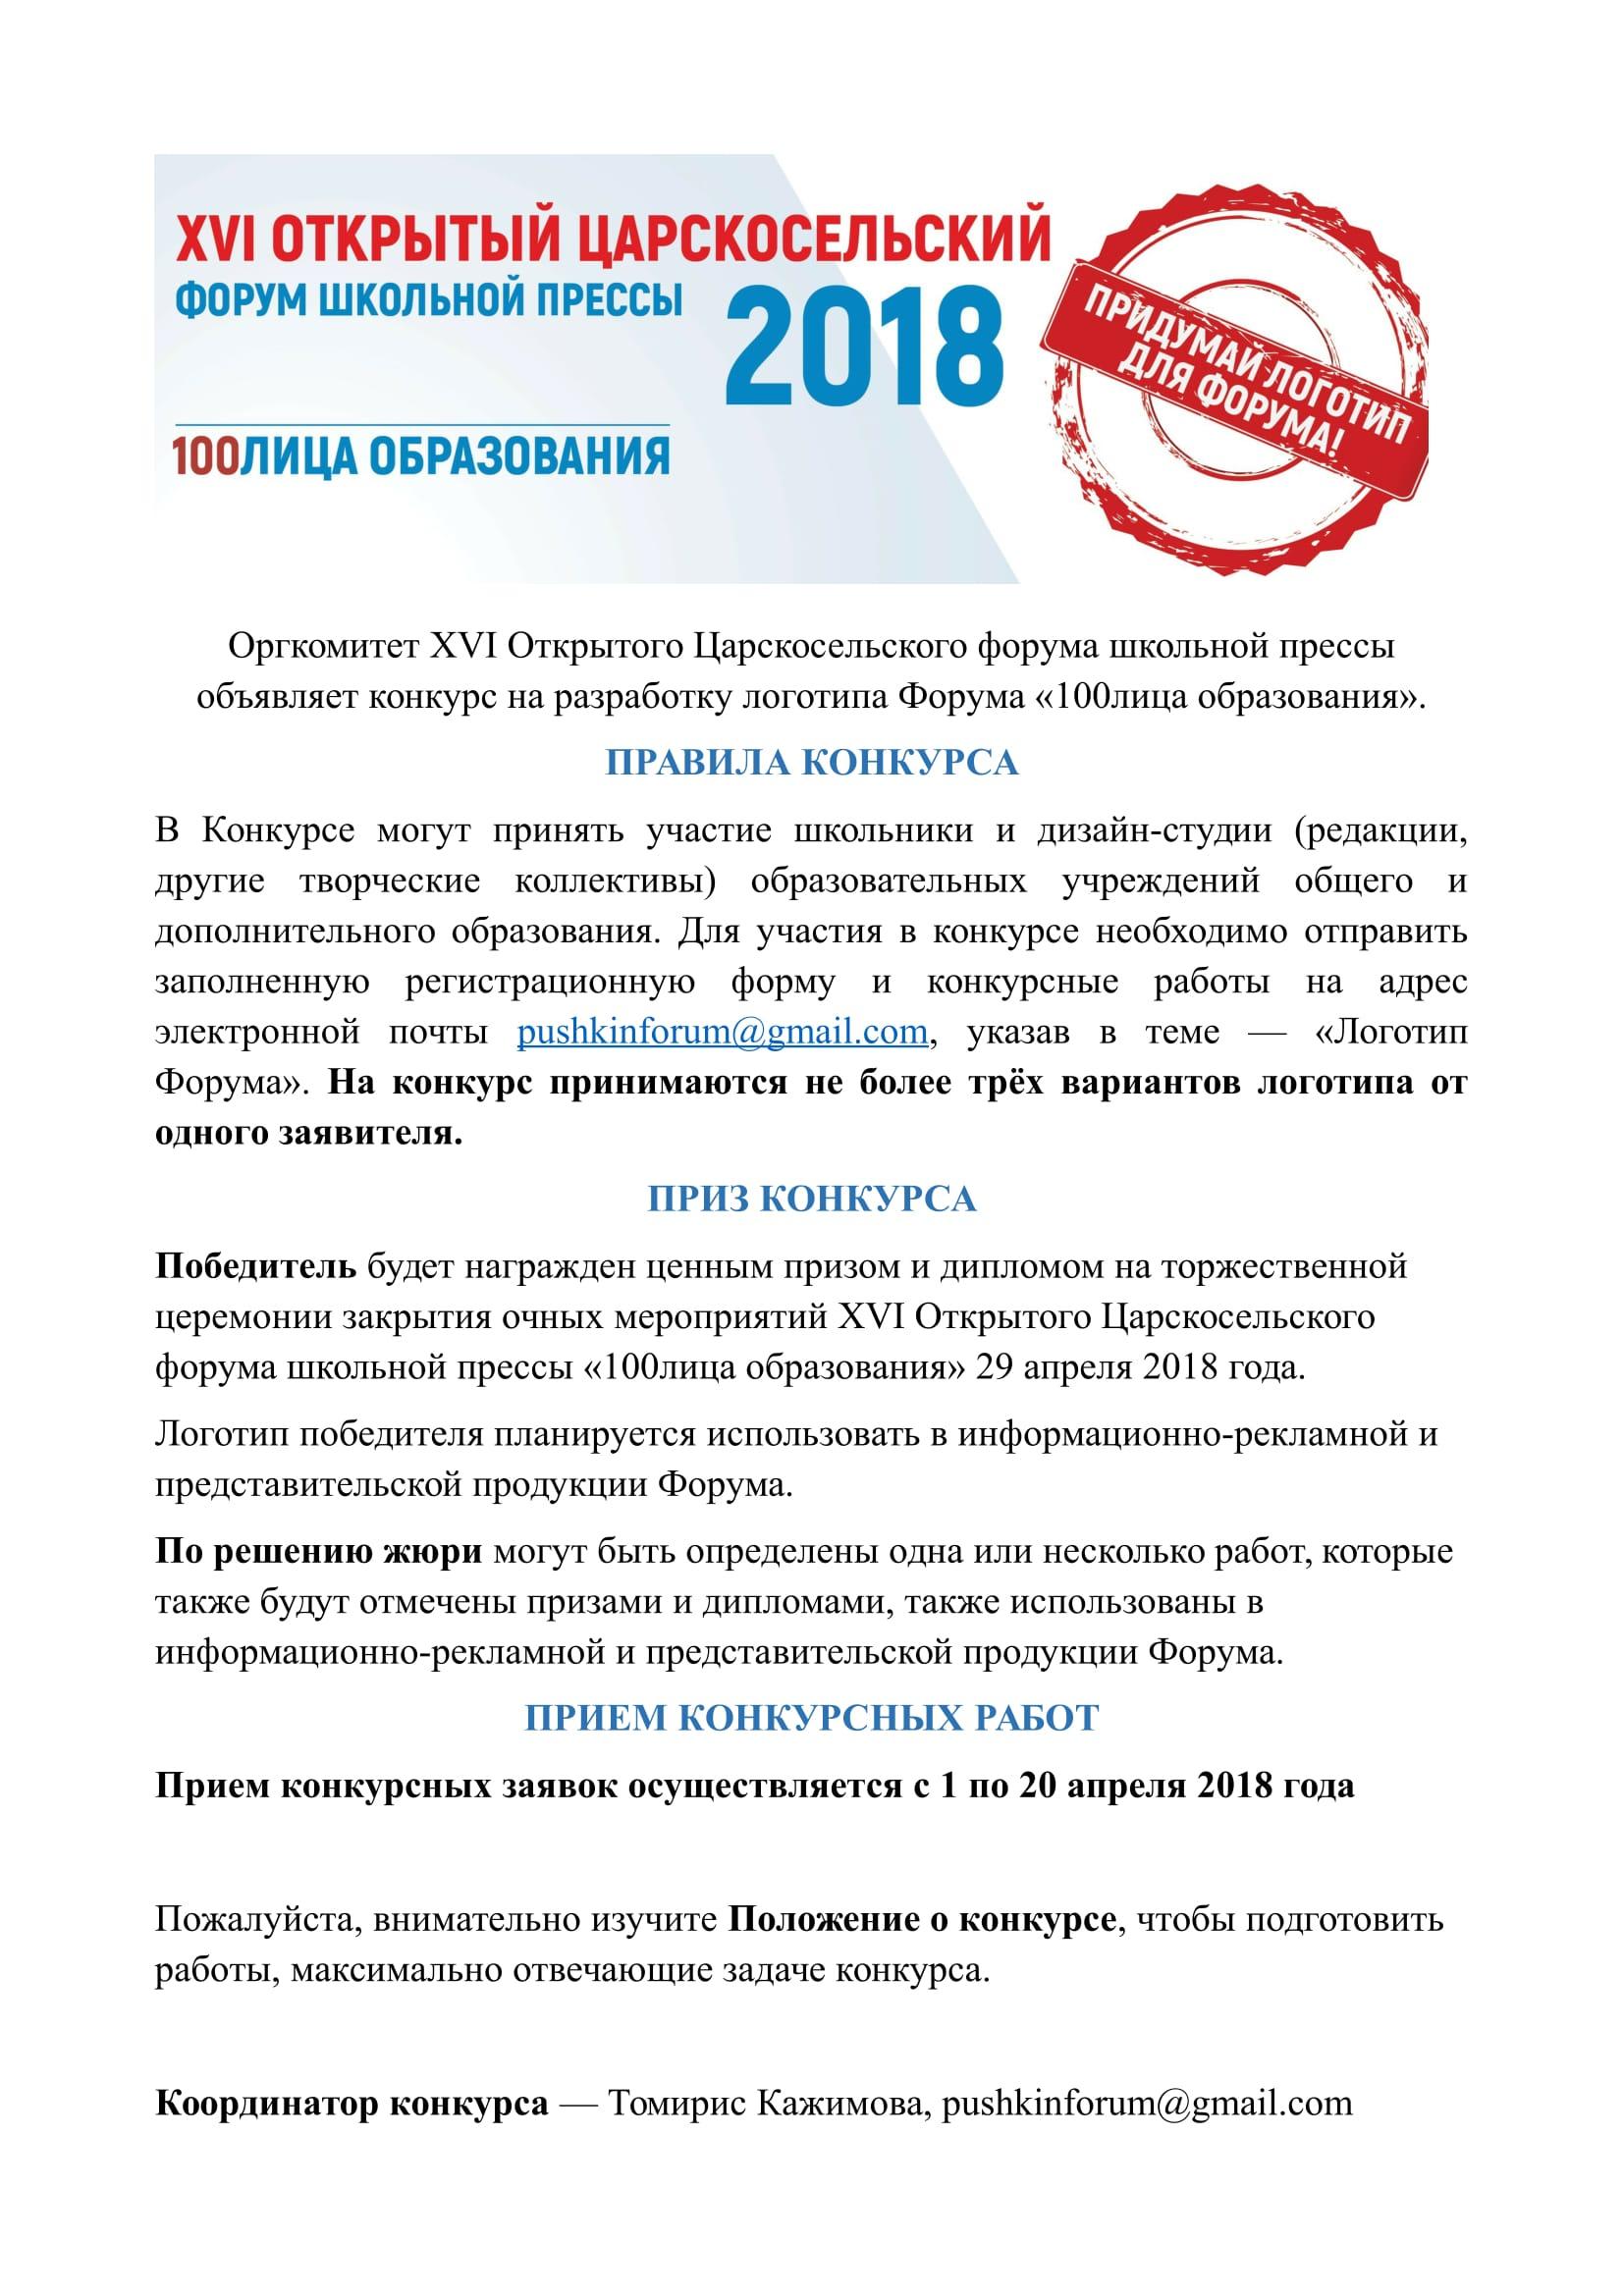 Forum2018_polozhenie_o_konkurse_logo_0 (3)-1